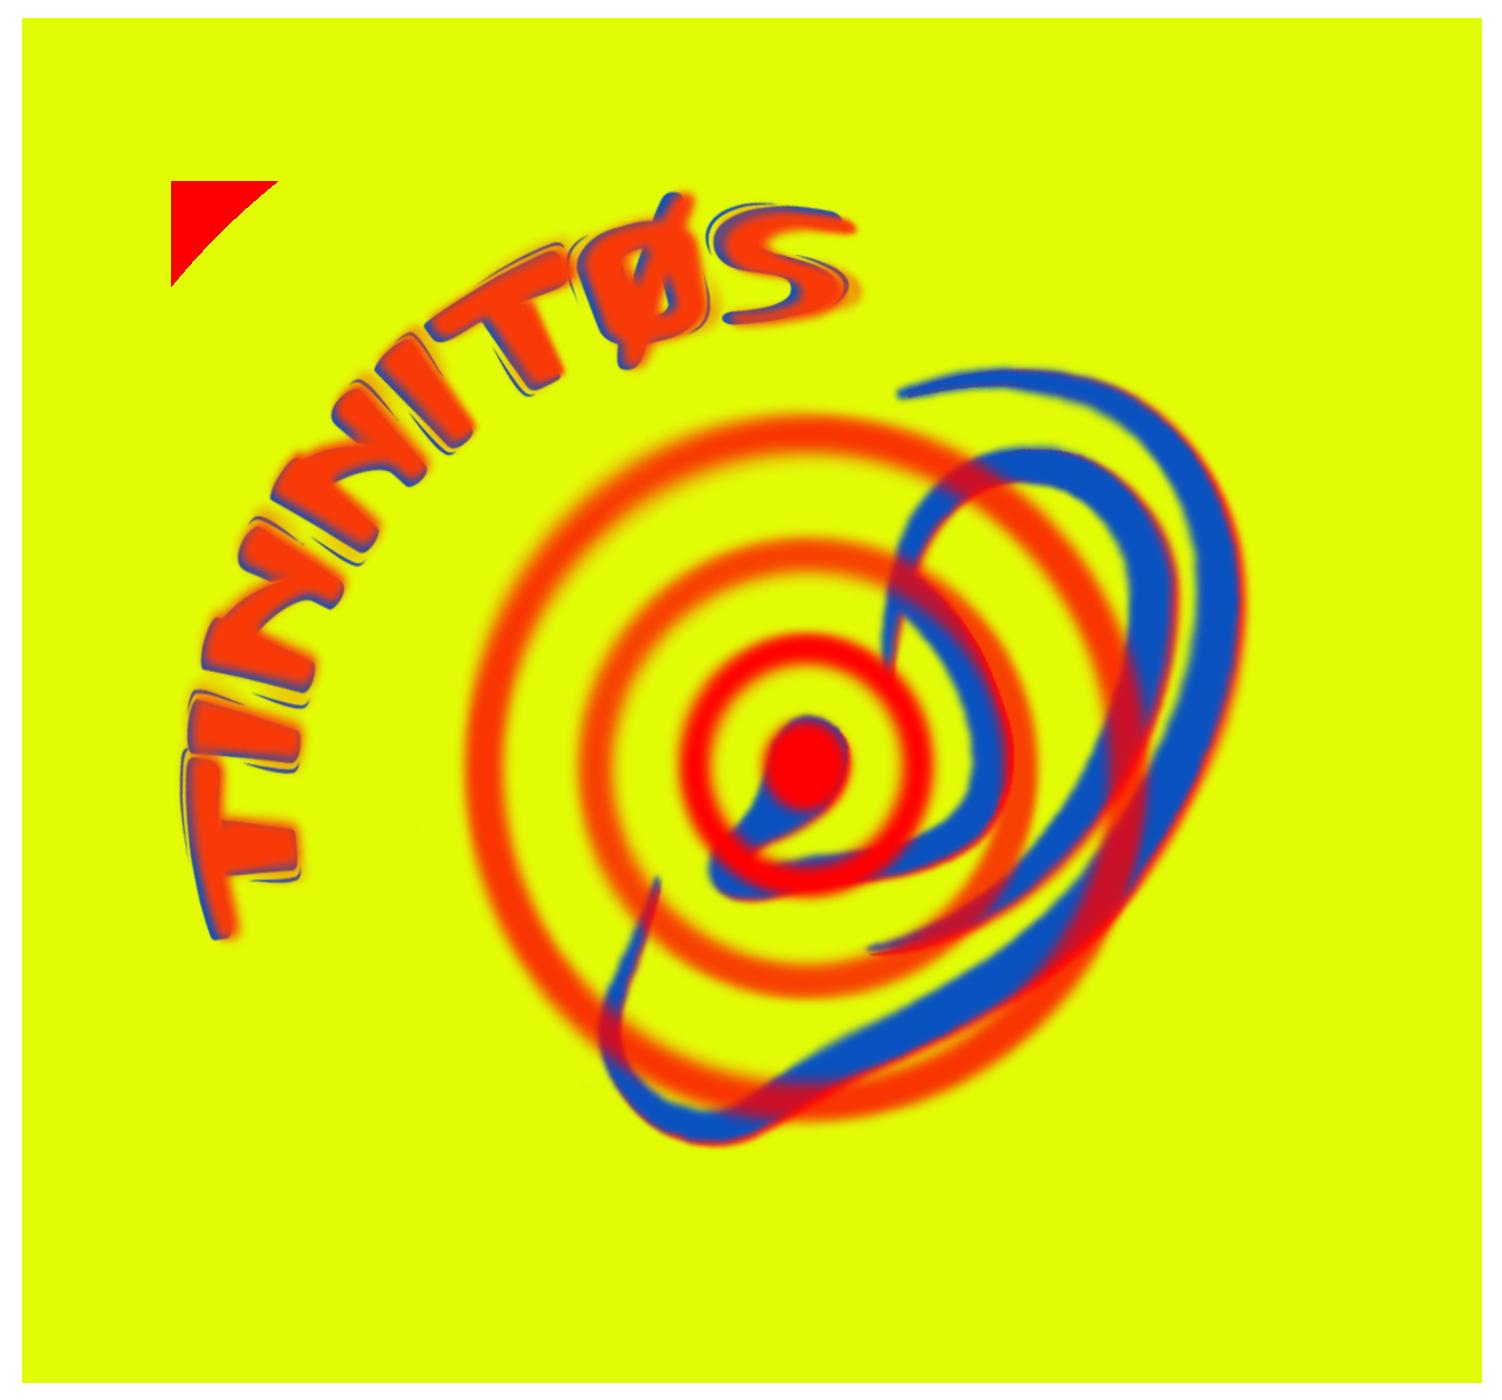 tinnitos_logo